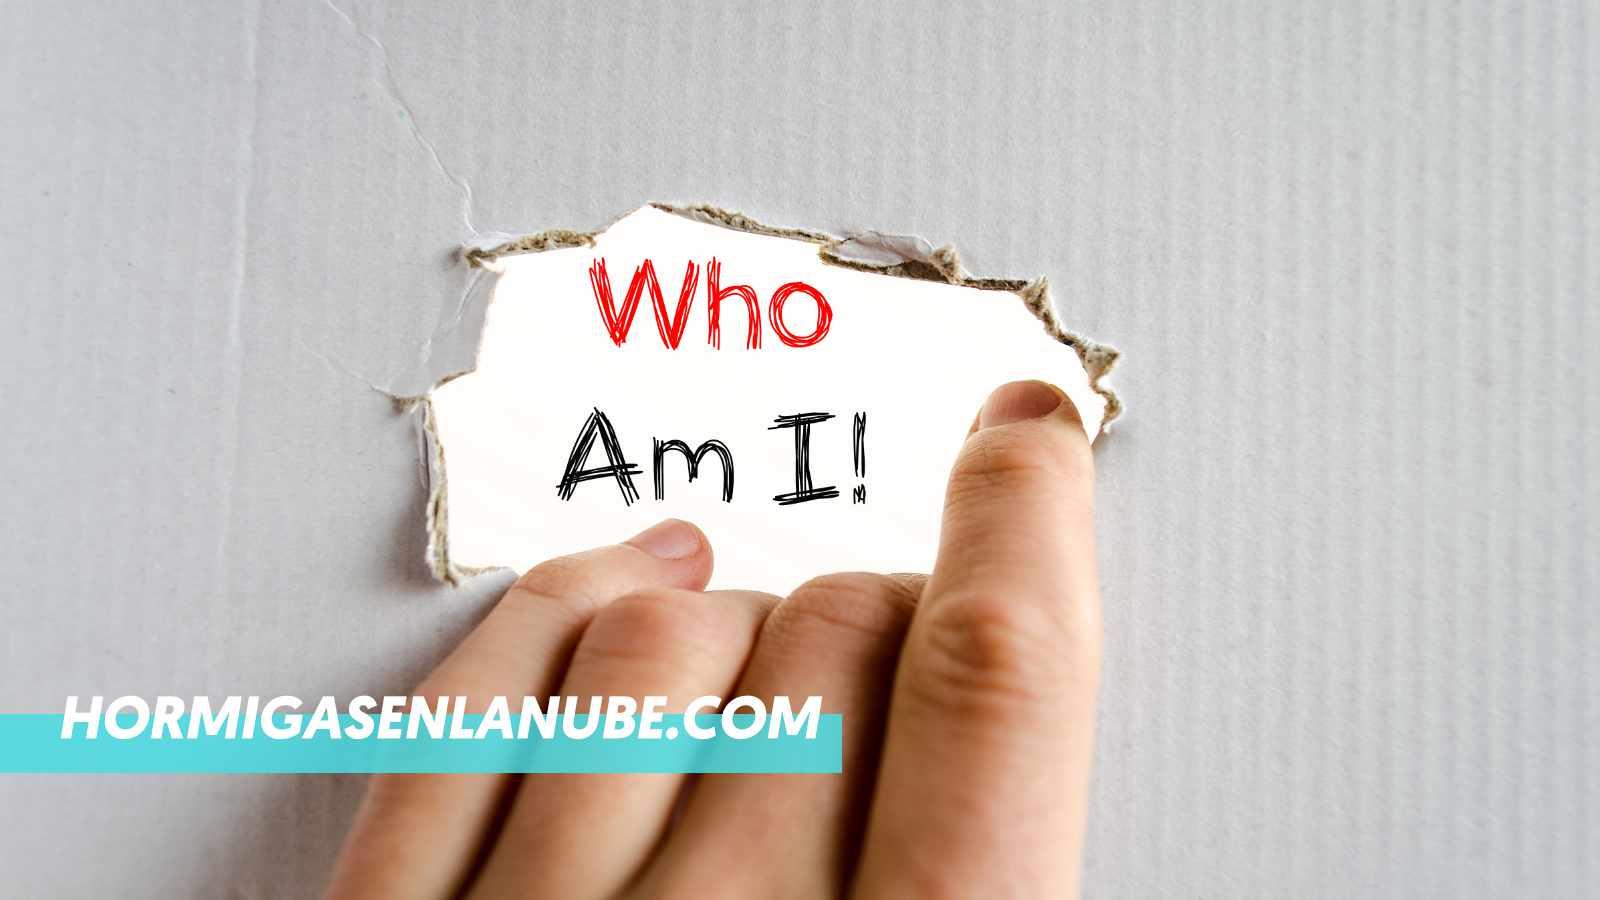 Marca personal en Linkedin ¿quien soy?